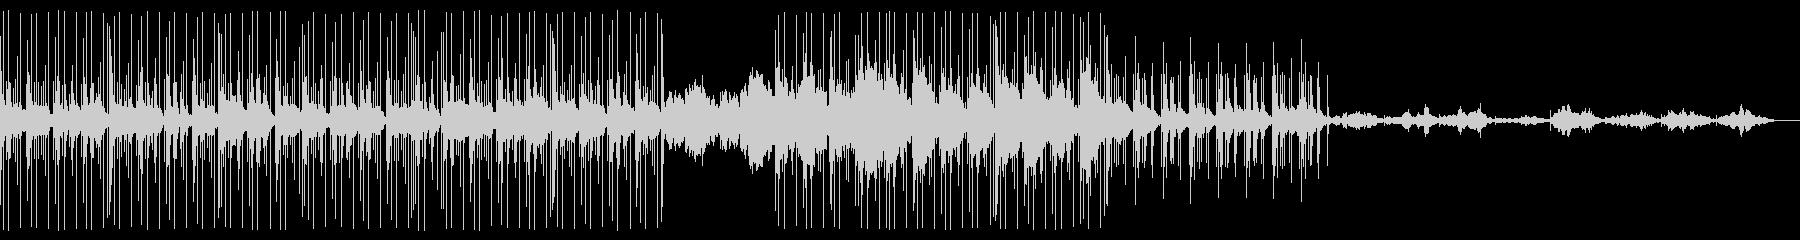 ミニマル系ディープビートとシンセサウンドの未再生の波形